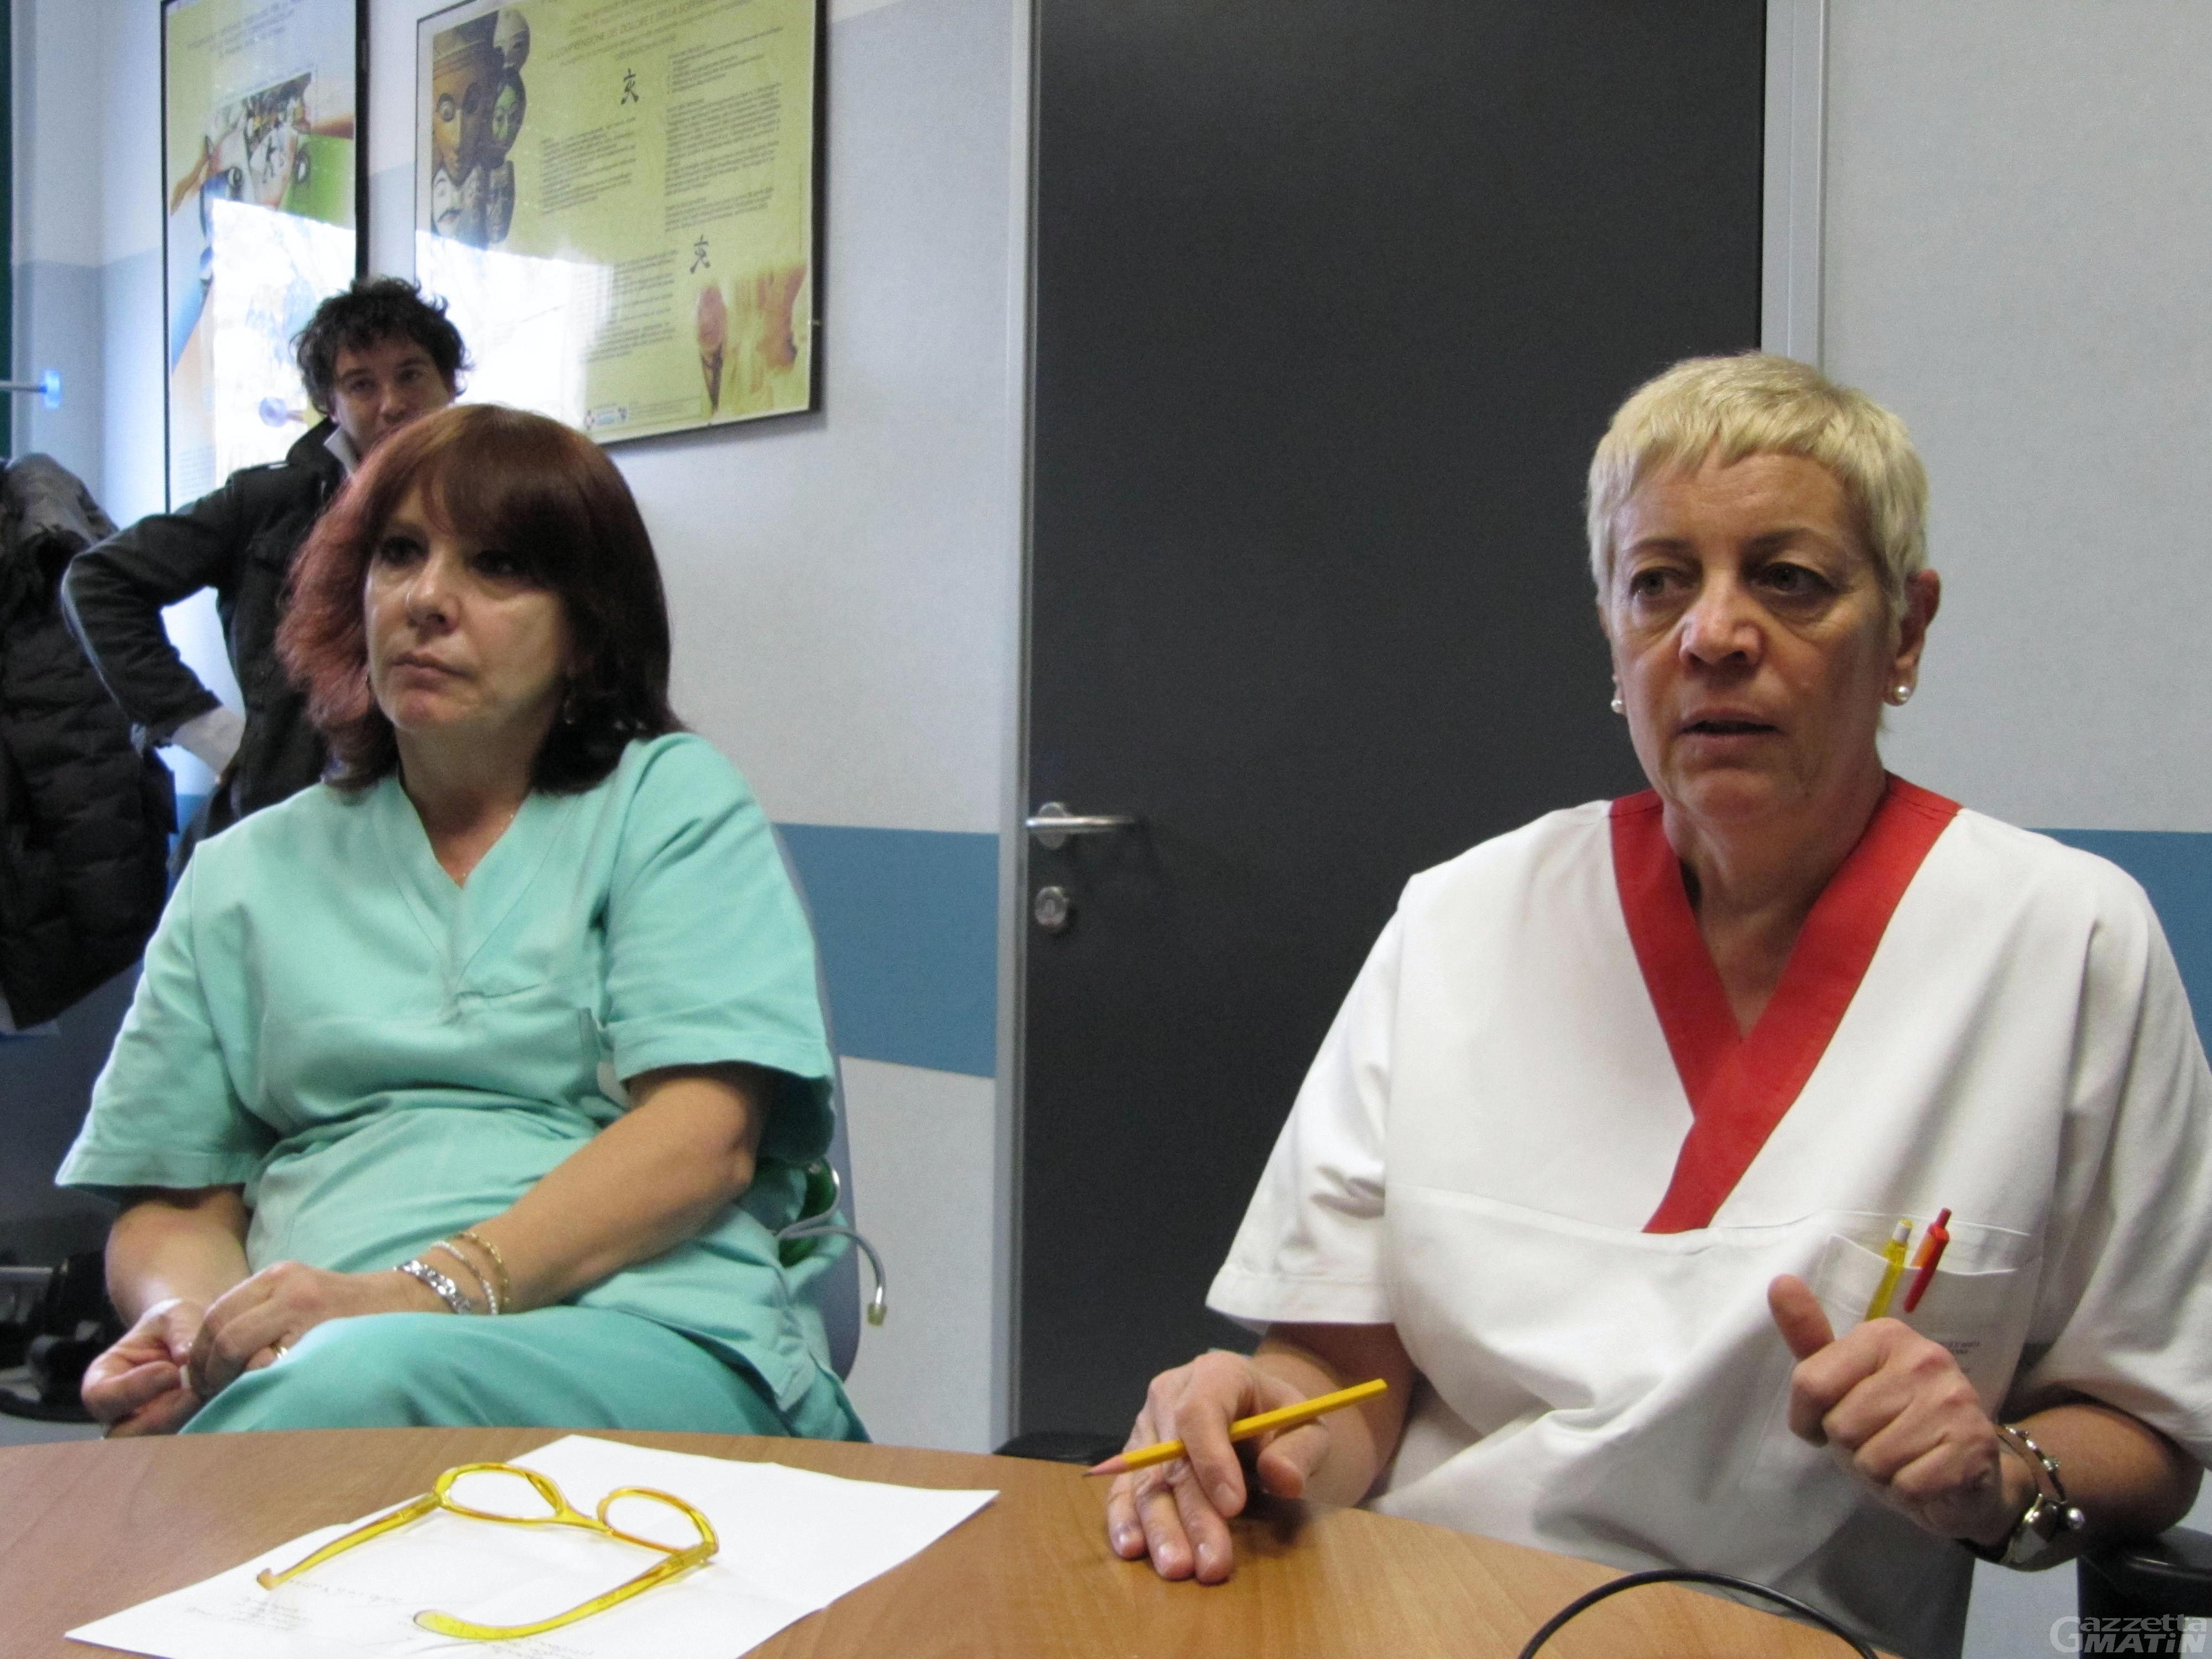 Violenza sulle donne: 131 al pronto soccorso dal primo gennaio 2011 a oggi